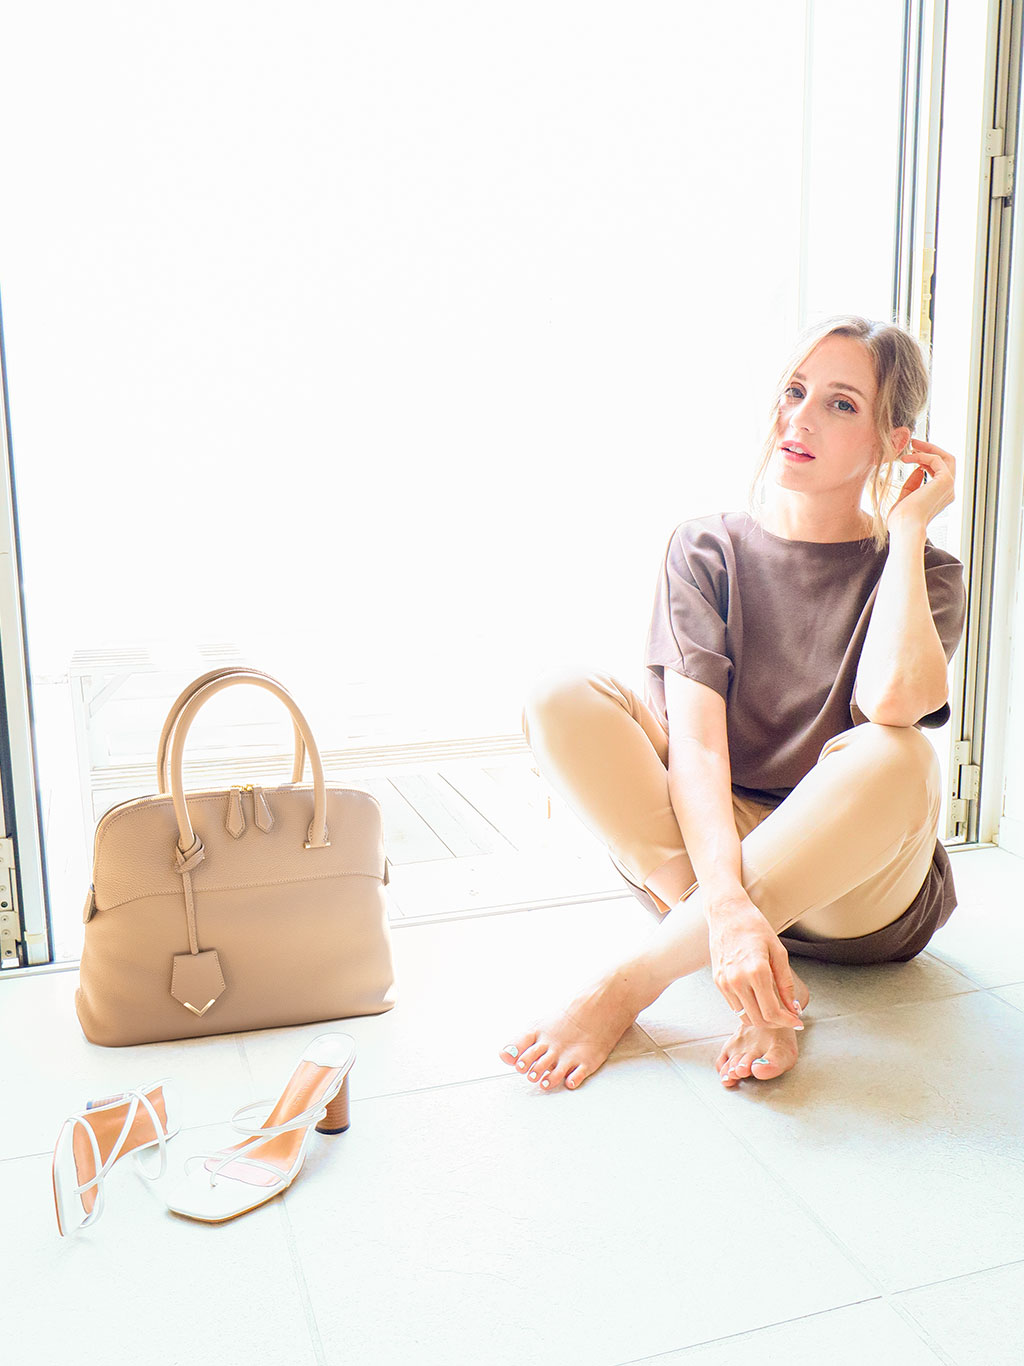 世界のハイブランドではトゴと名を変えて愛されている人気の最高級シュリンクレザー・エスポワールで仕上げる才色兼備で完璧なブガッティ型のA4サイズが持ち運べる本革ハンドバッグ「EMMA」誕生。